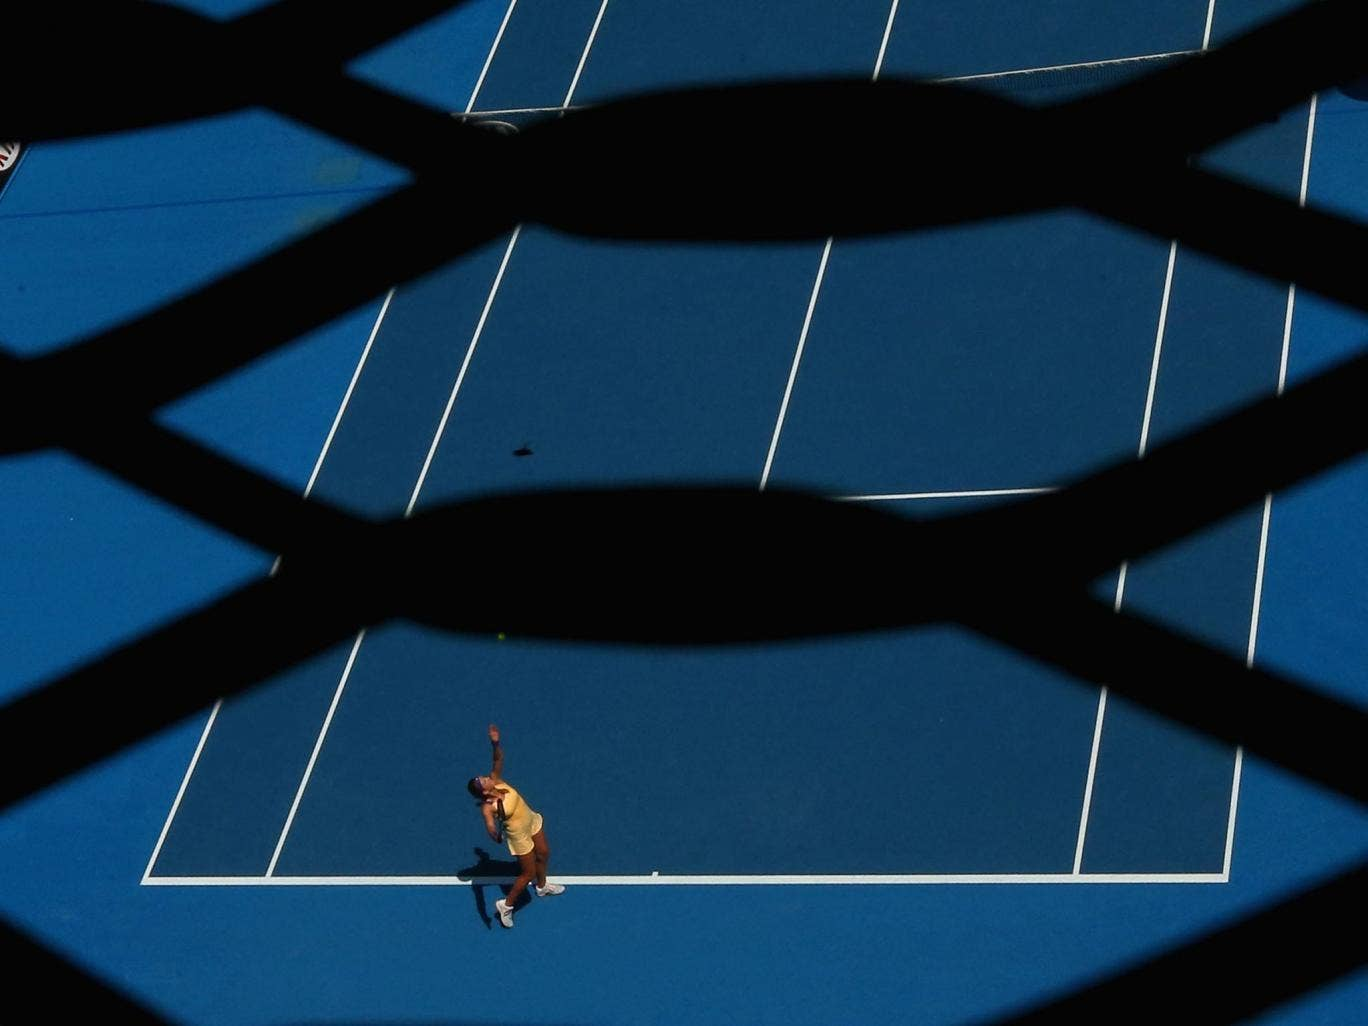 Victoria Azarenka in action at the Australian Open